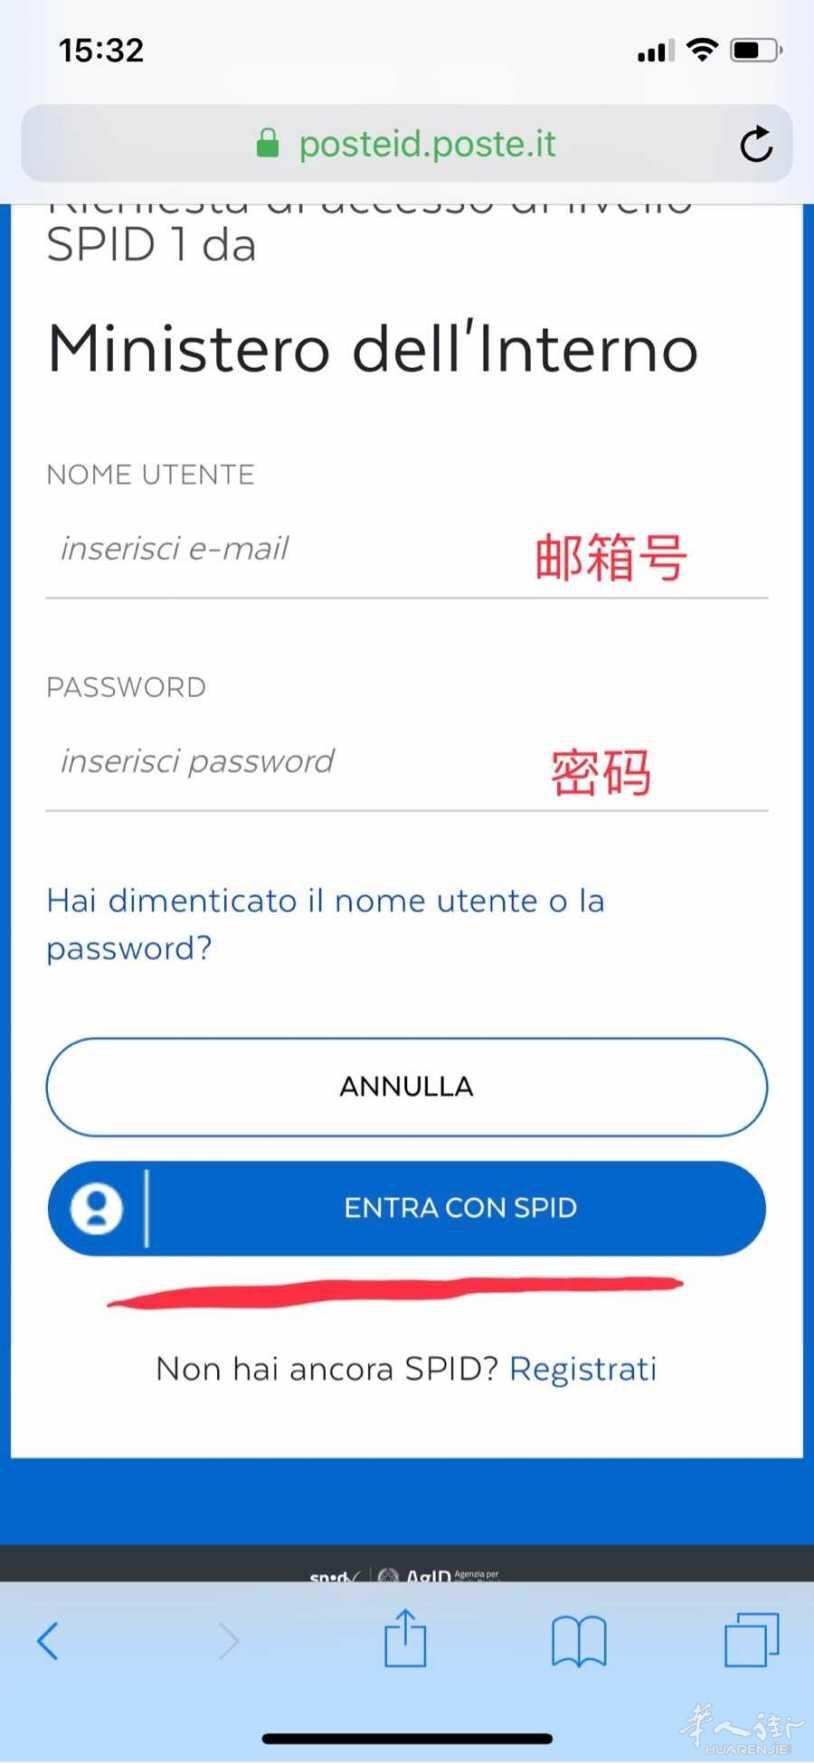 教你如何用邮局SPID在线预约意大利语A2考试